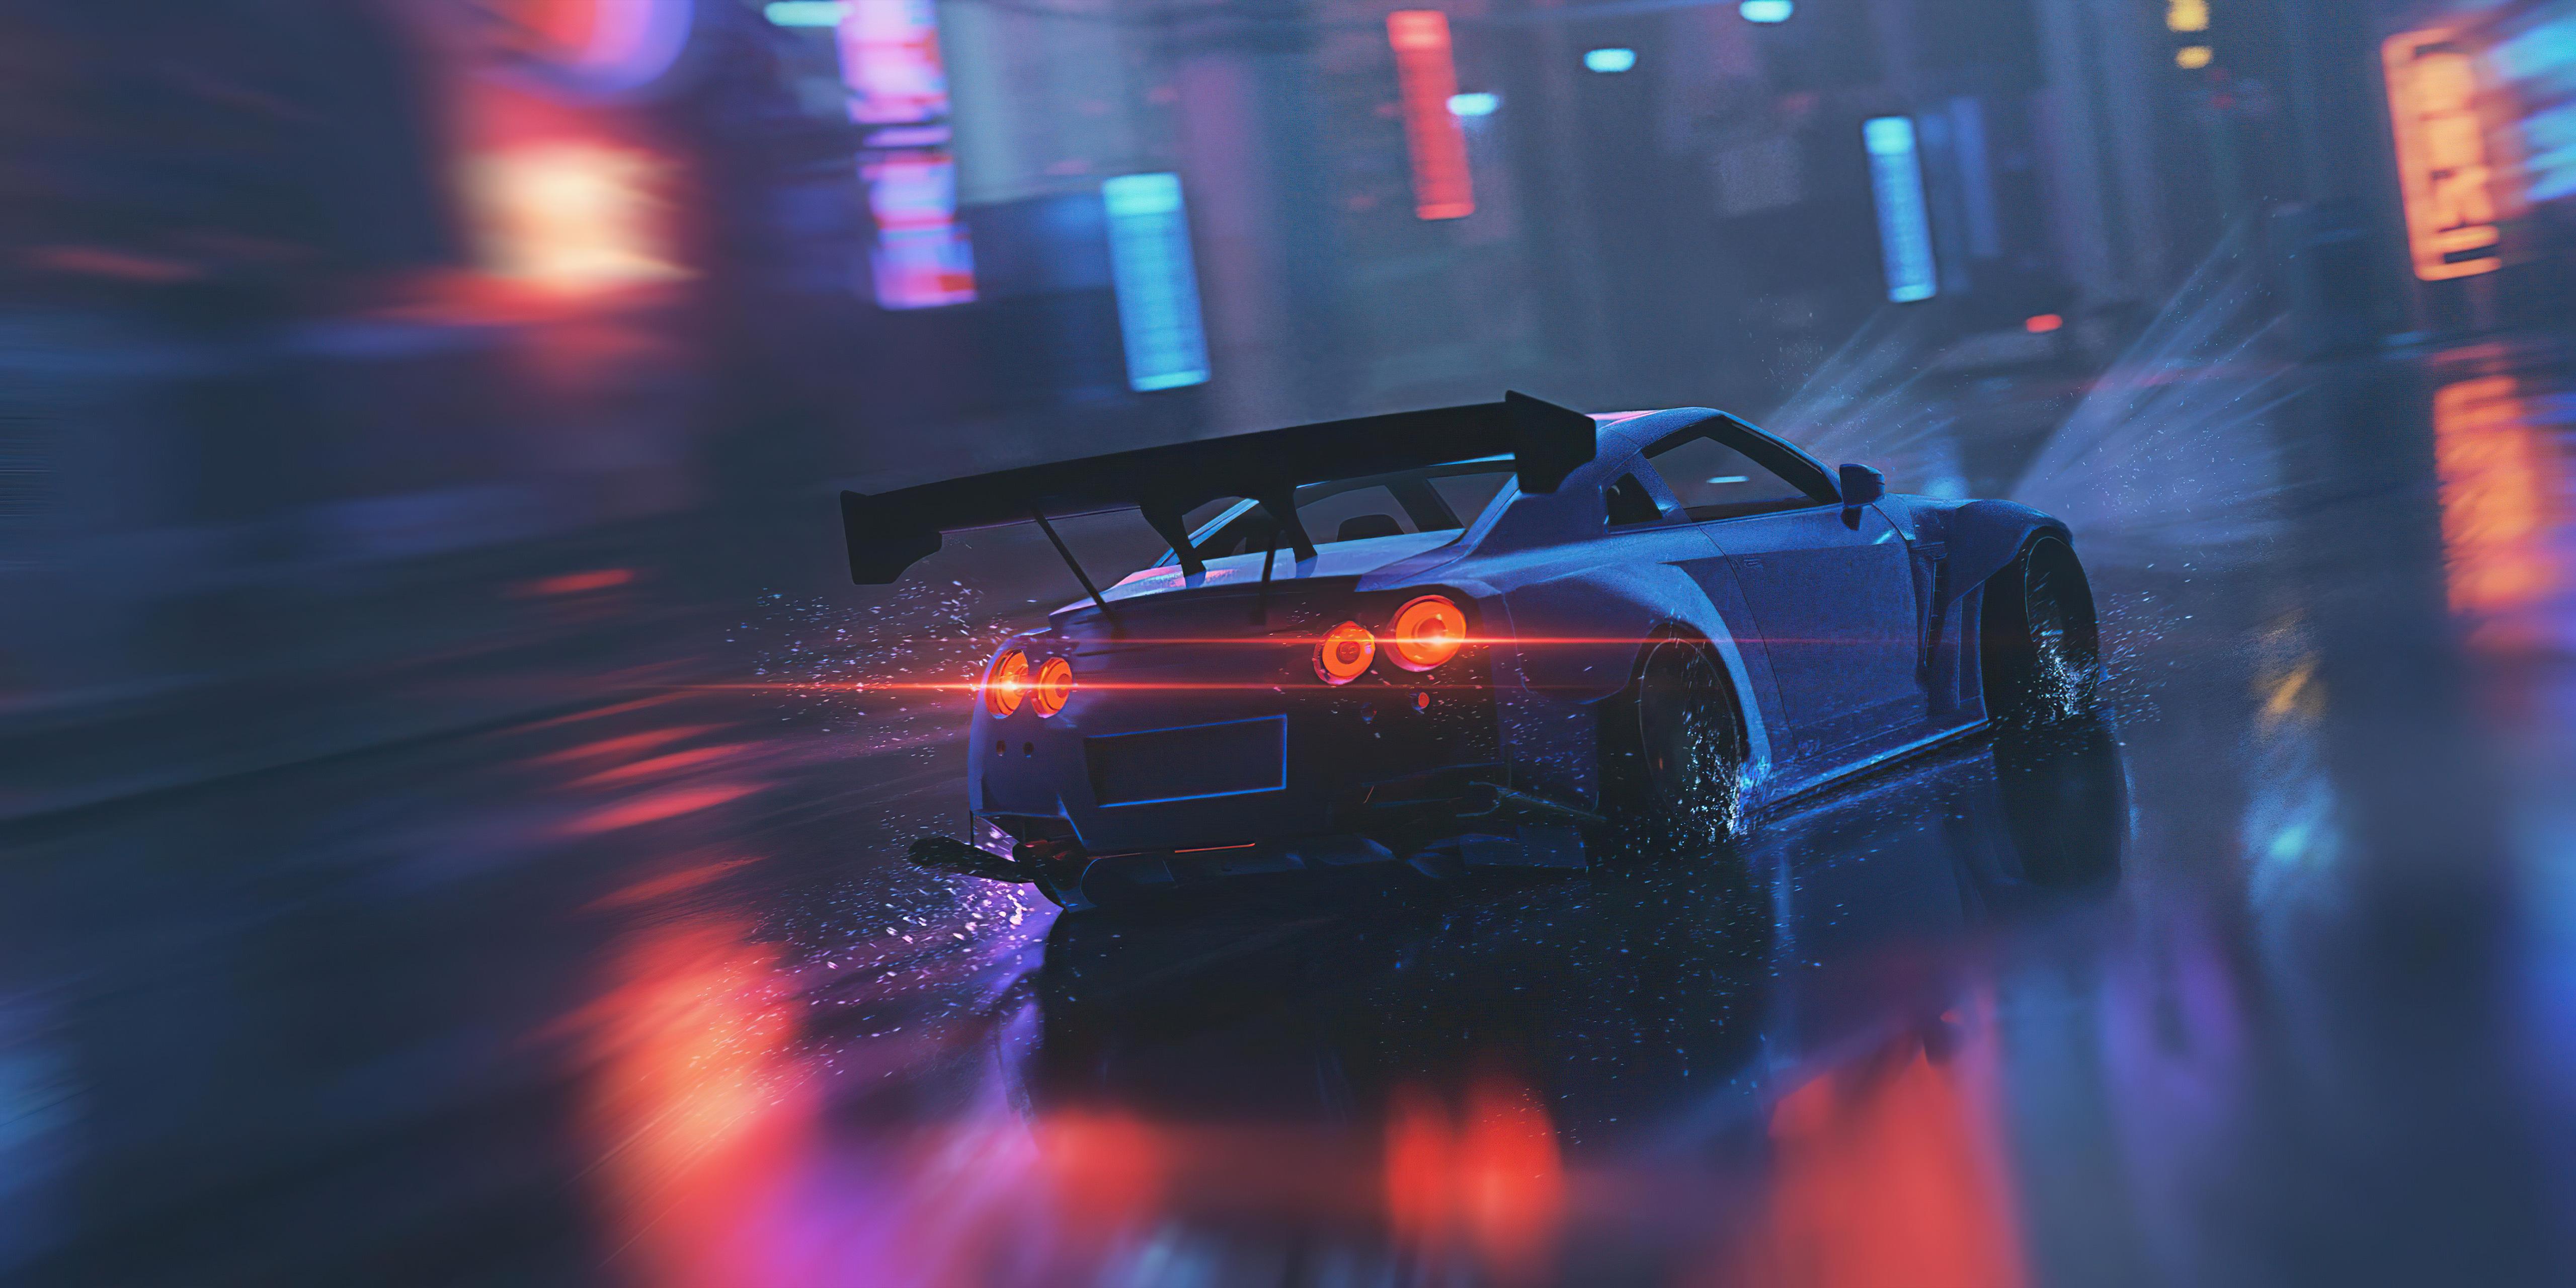 nissan gtr must go faster 4k 1620170069 - Nissan Gtr Must Go Faster 4k - Nissan Gtr Must Go Faster 4k wallpapers